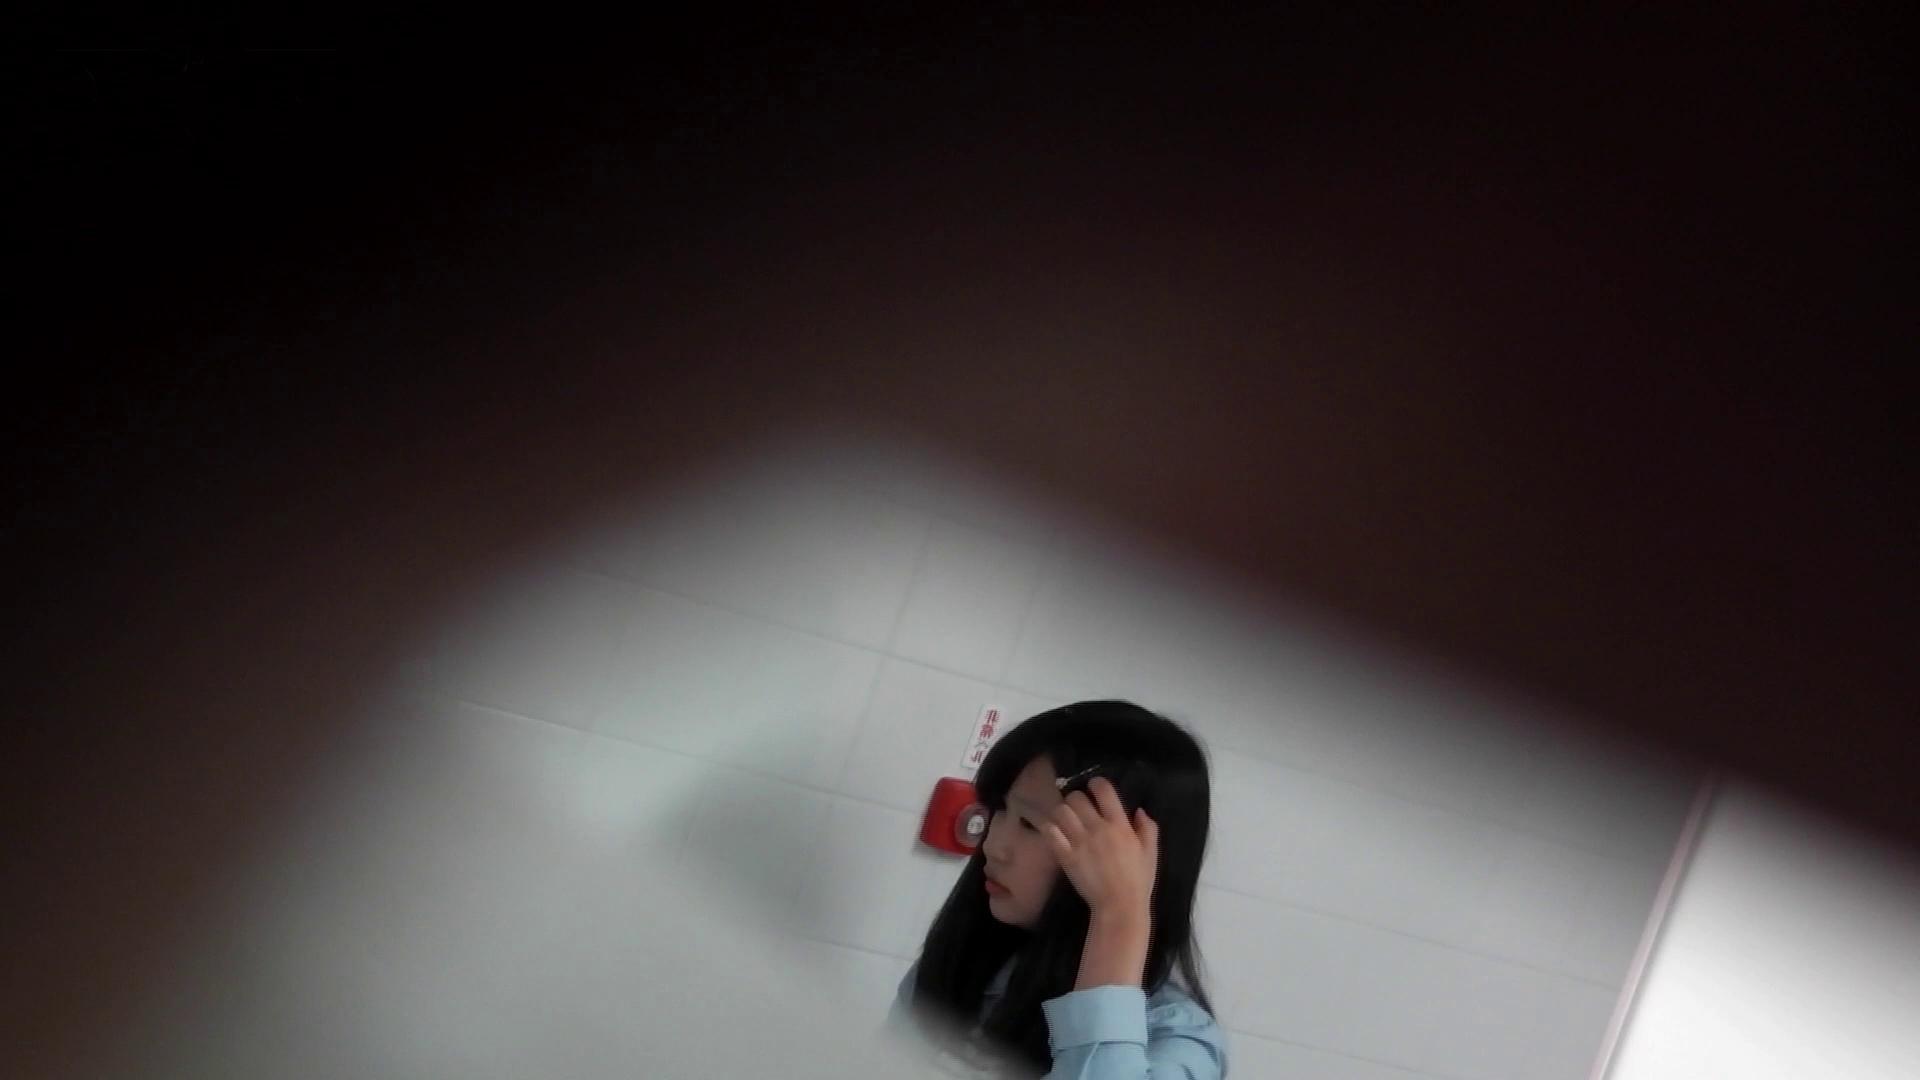 美しい日本の未来 No.37 モデルを追跡したら【2015・24位】 盛合せ エロ無料画像 96枚 25